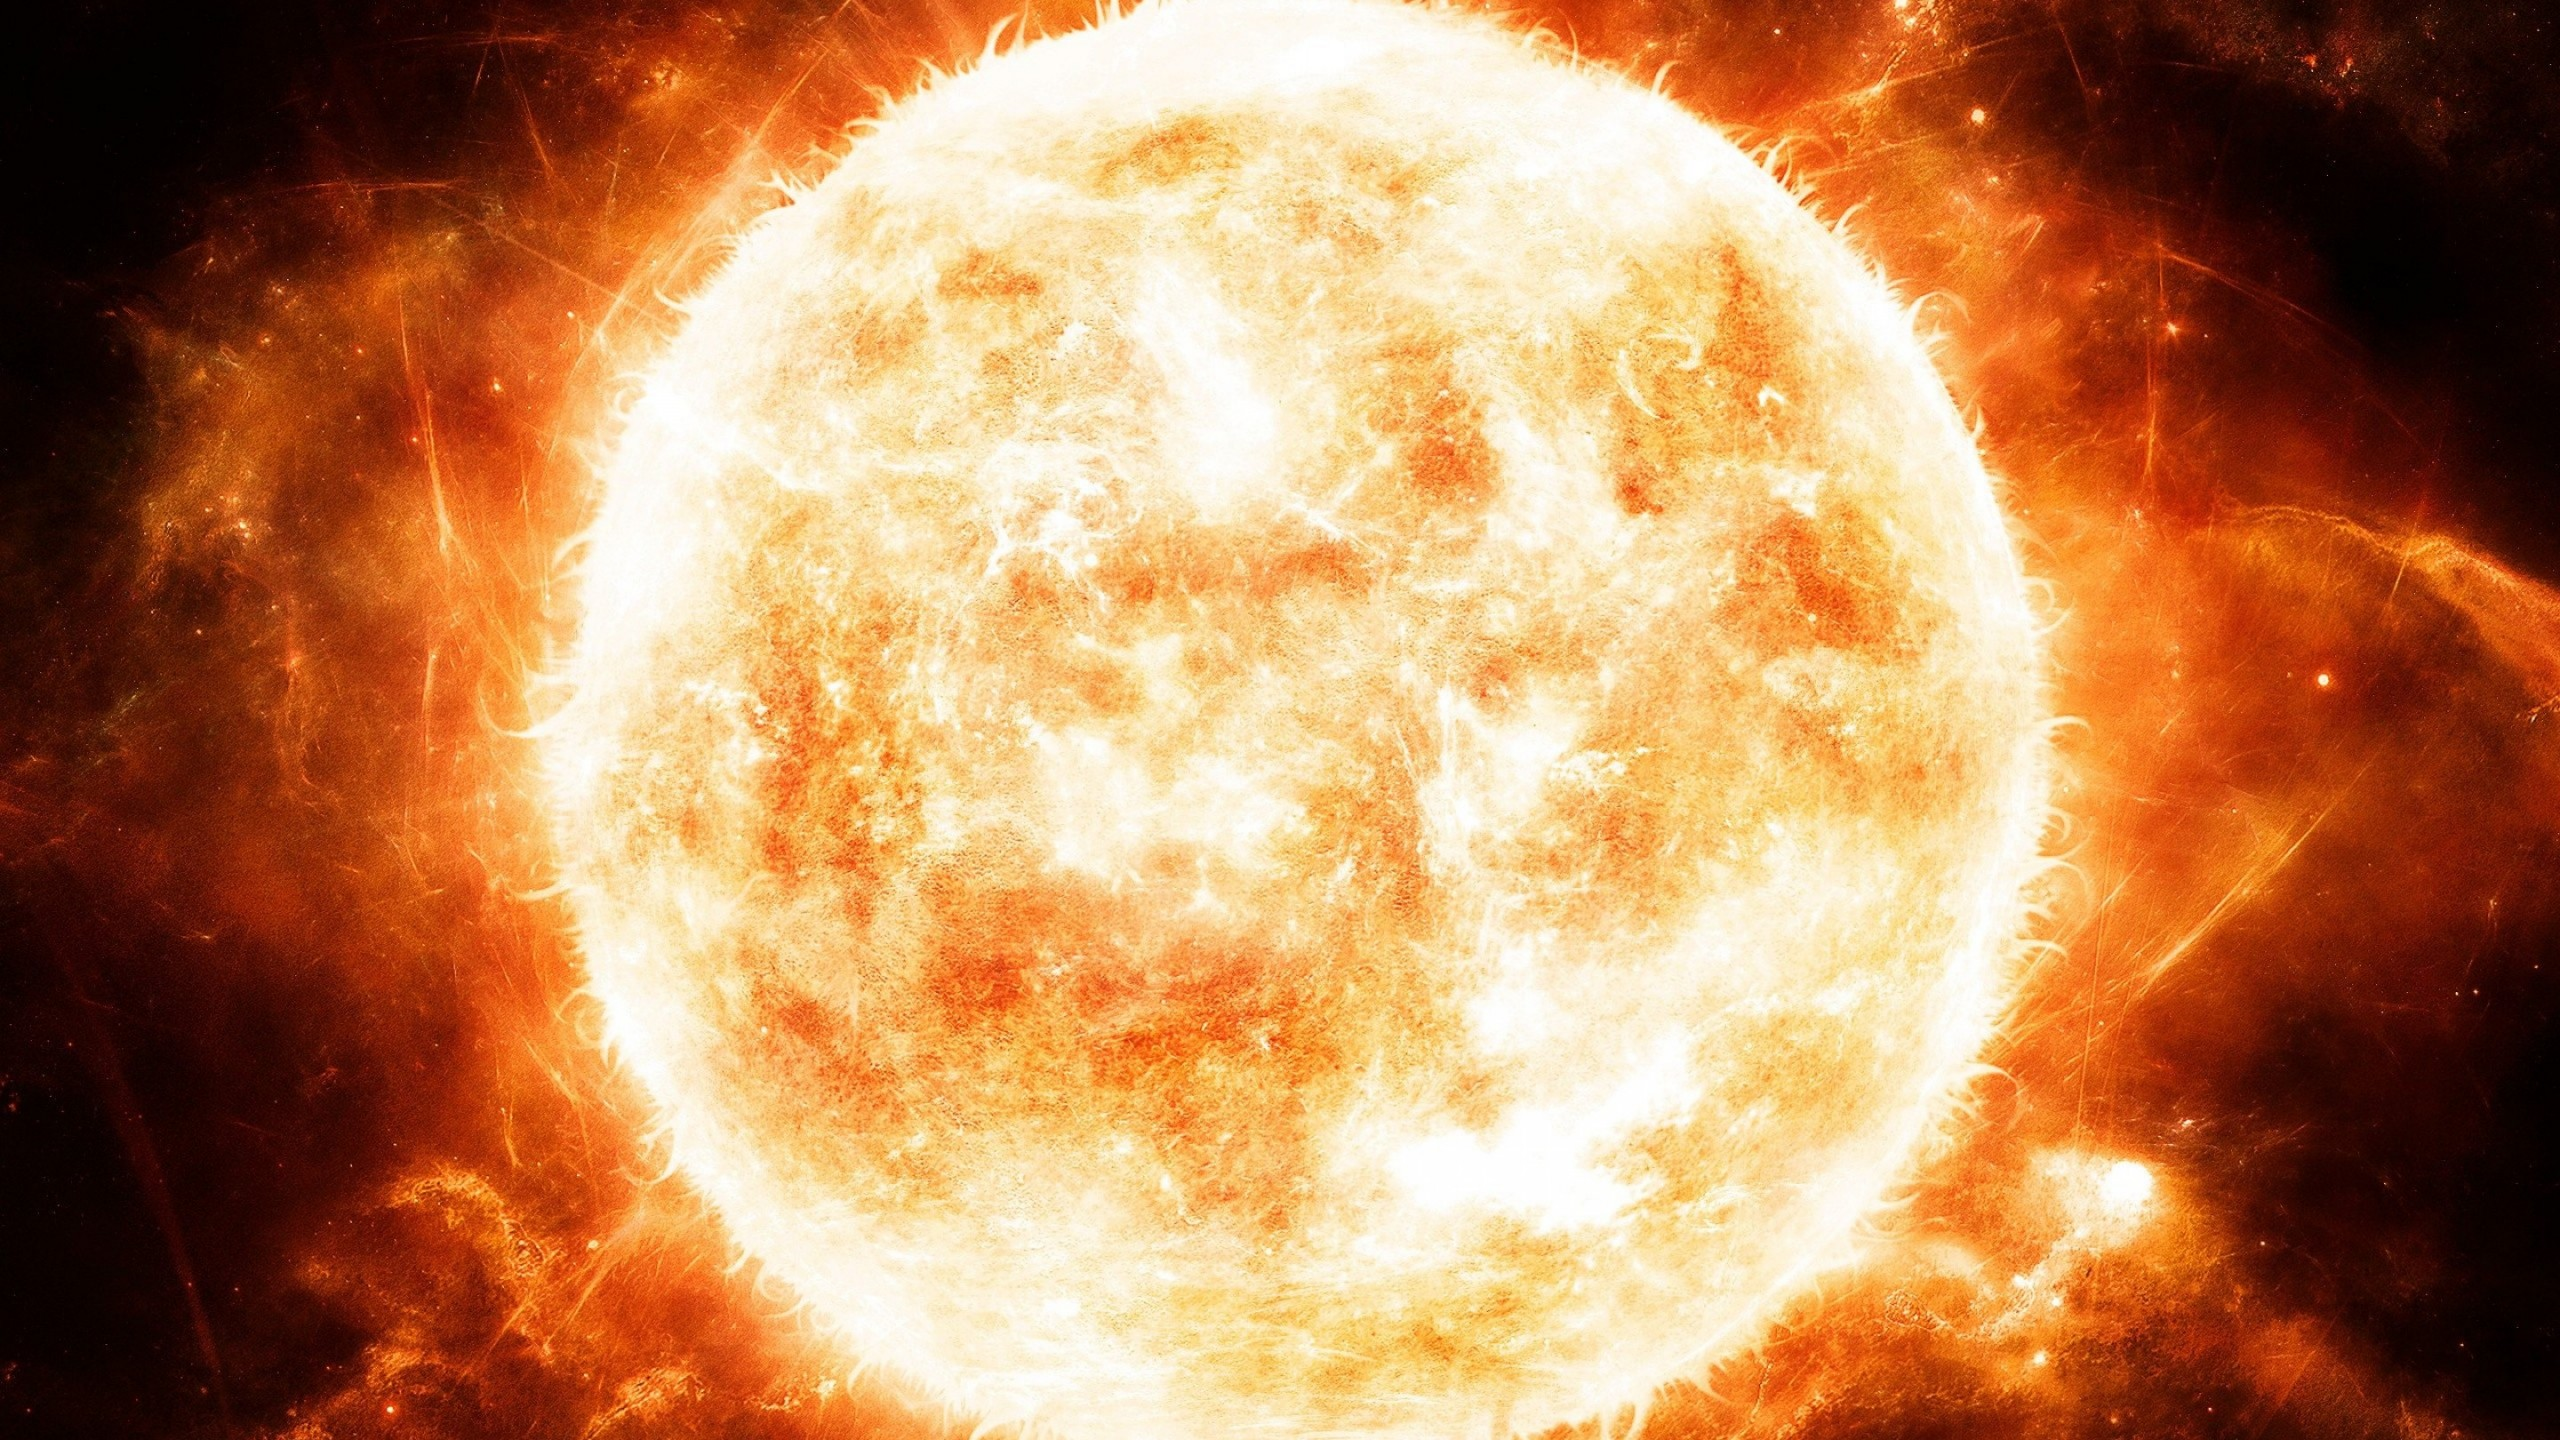 our_sun_2560x1440